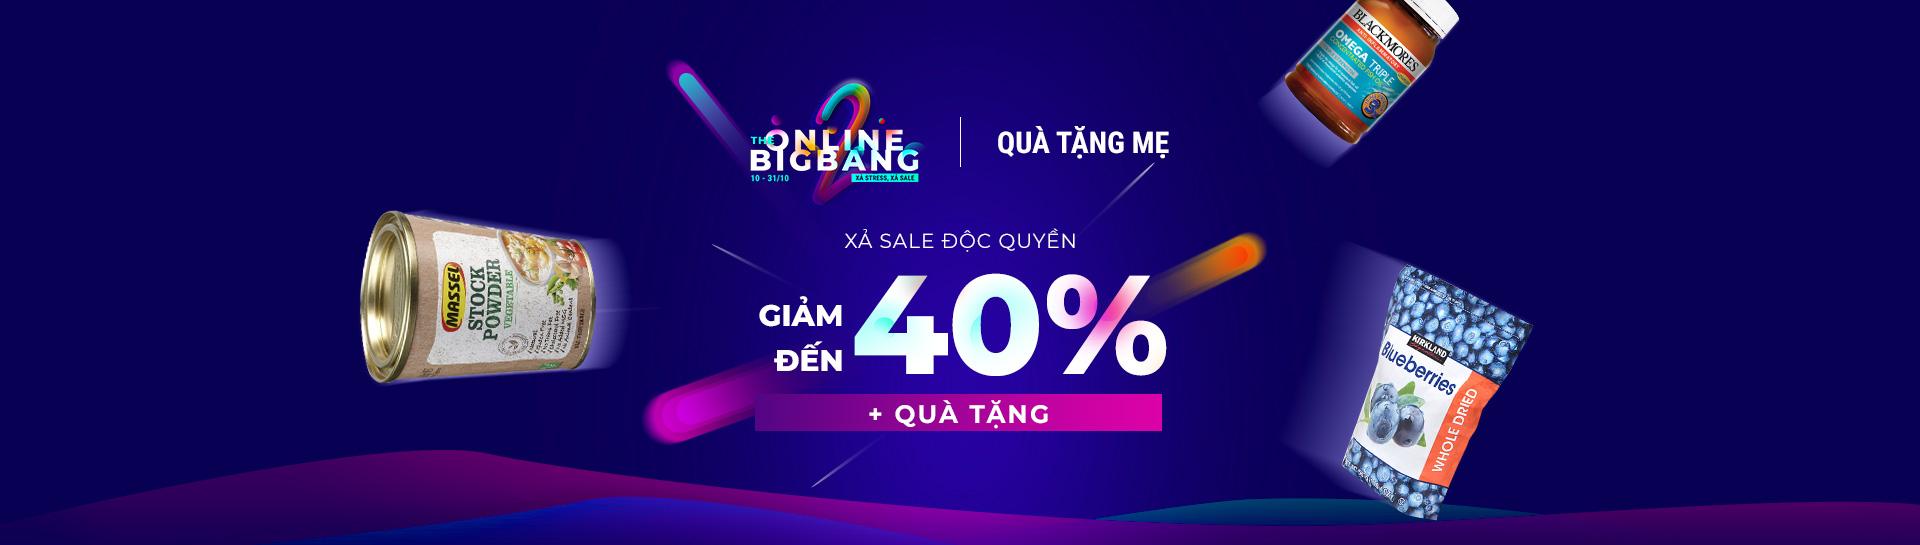 Quà Tặng Mẹ - Giảm giá đến 40% + Gift with purchase